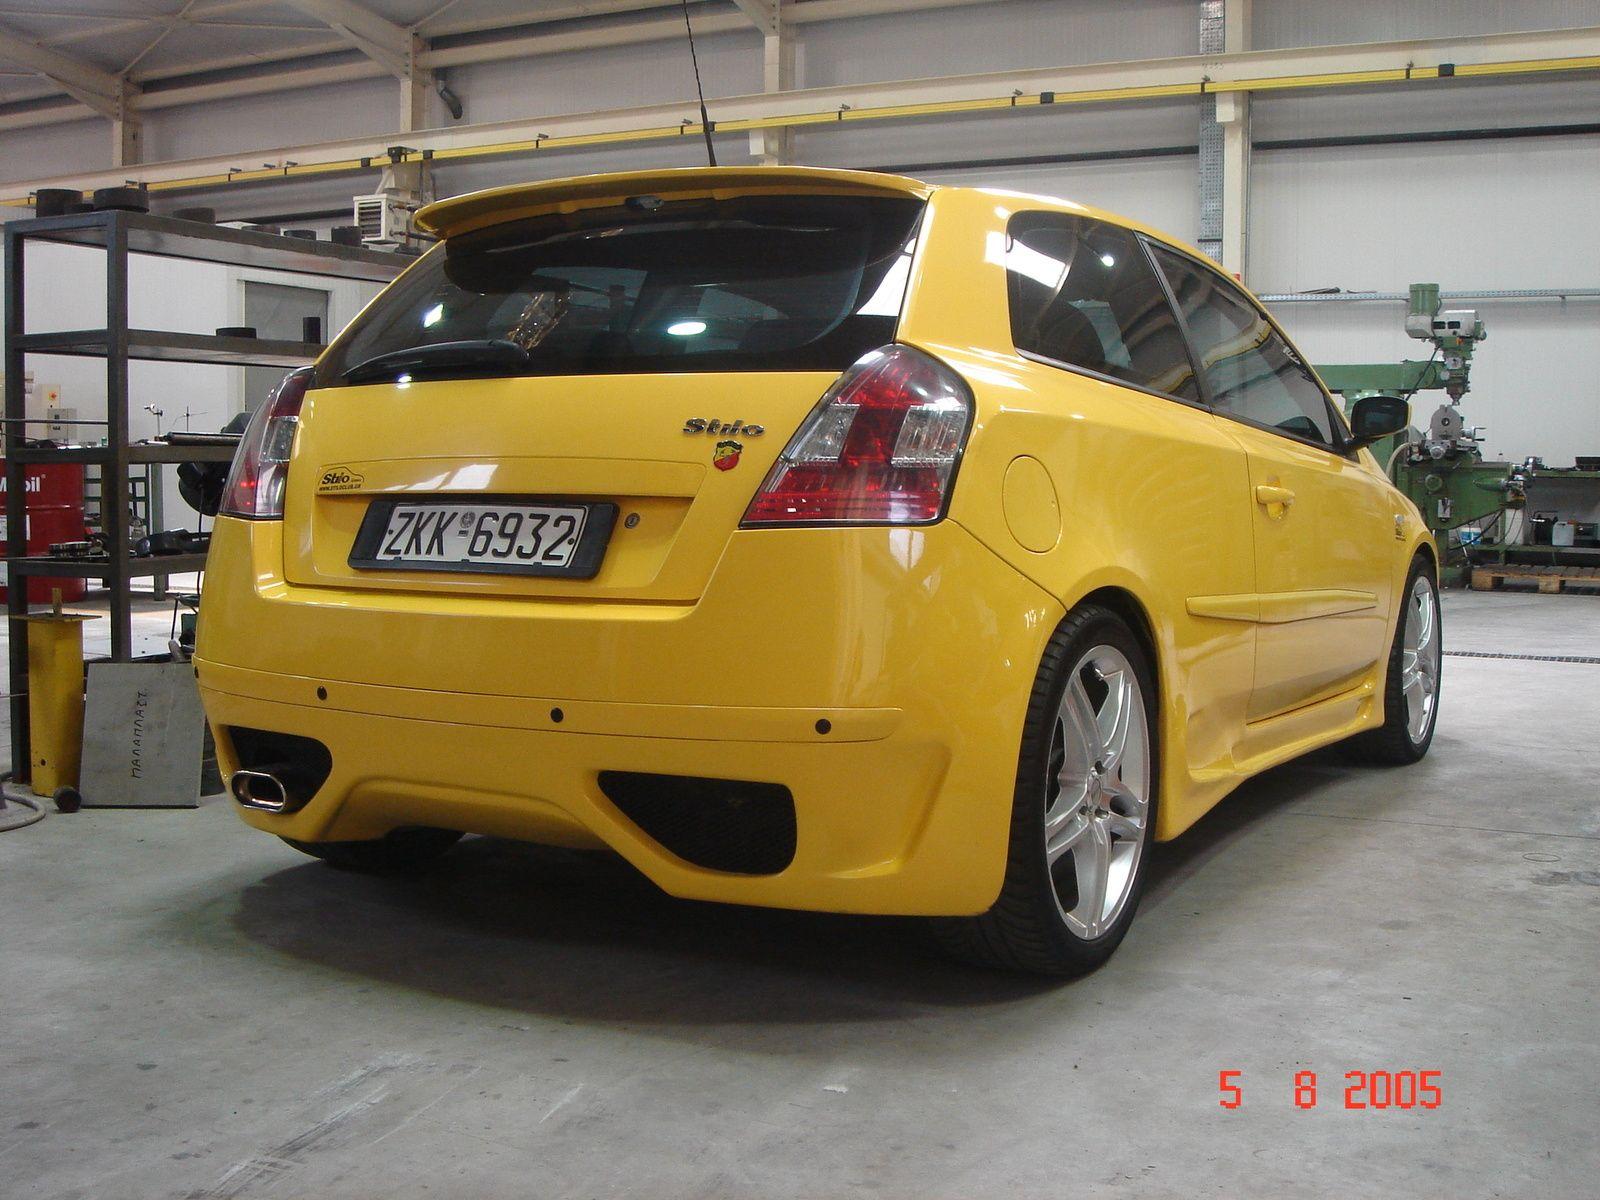 hot fast cars | hot fast cars 2002 fiat stilo | fiat stilo